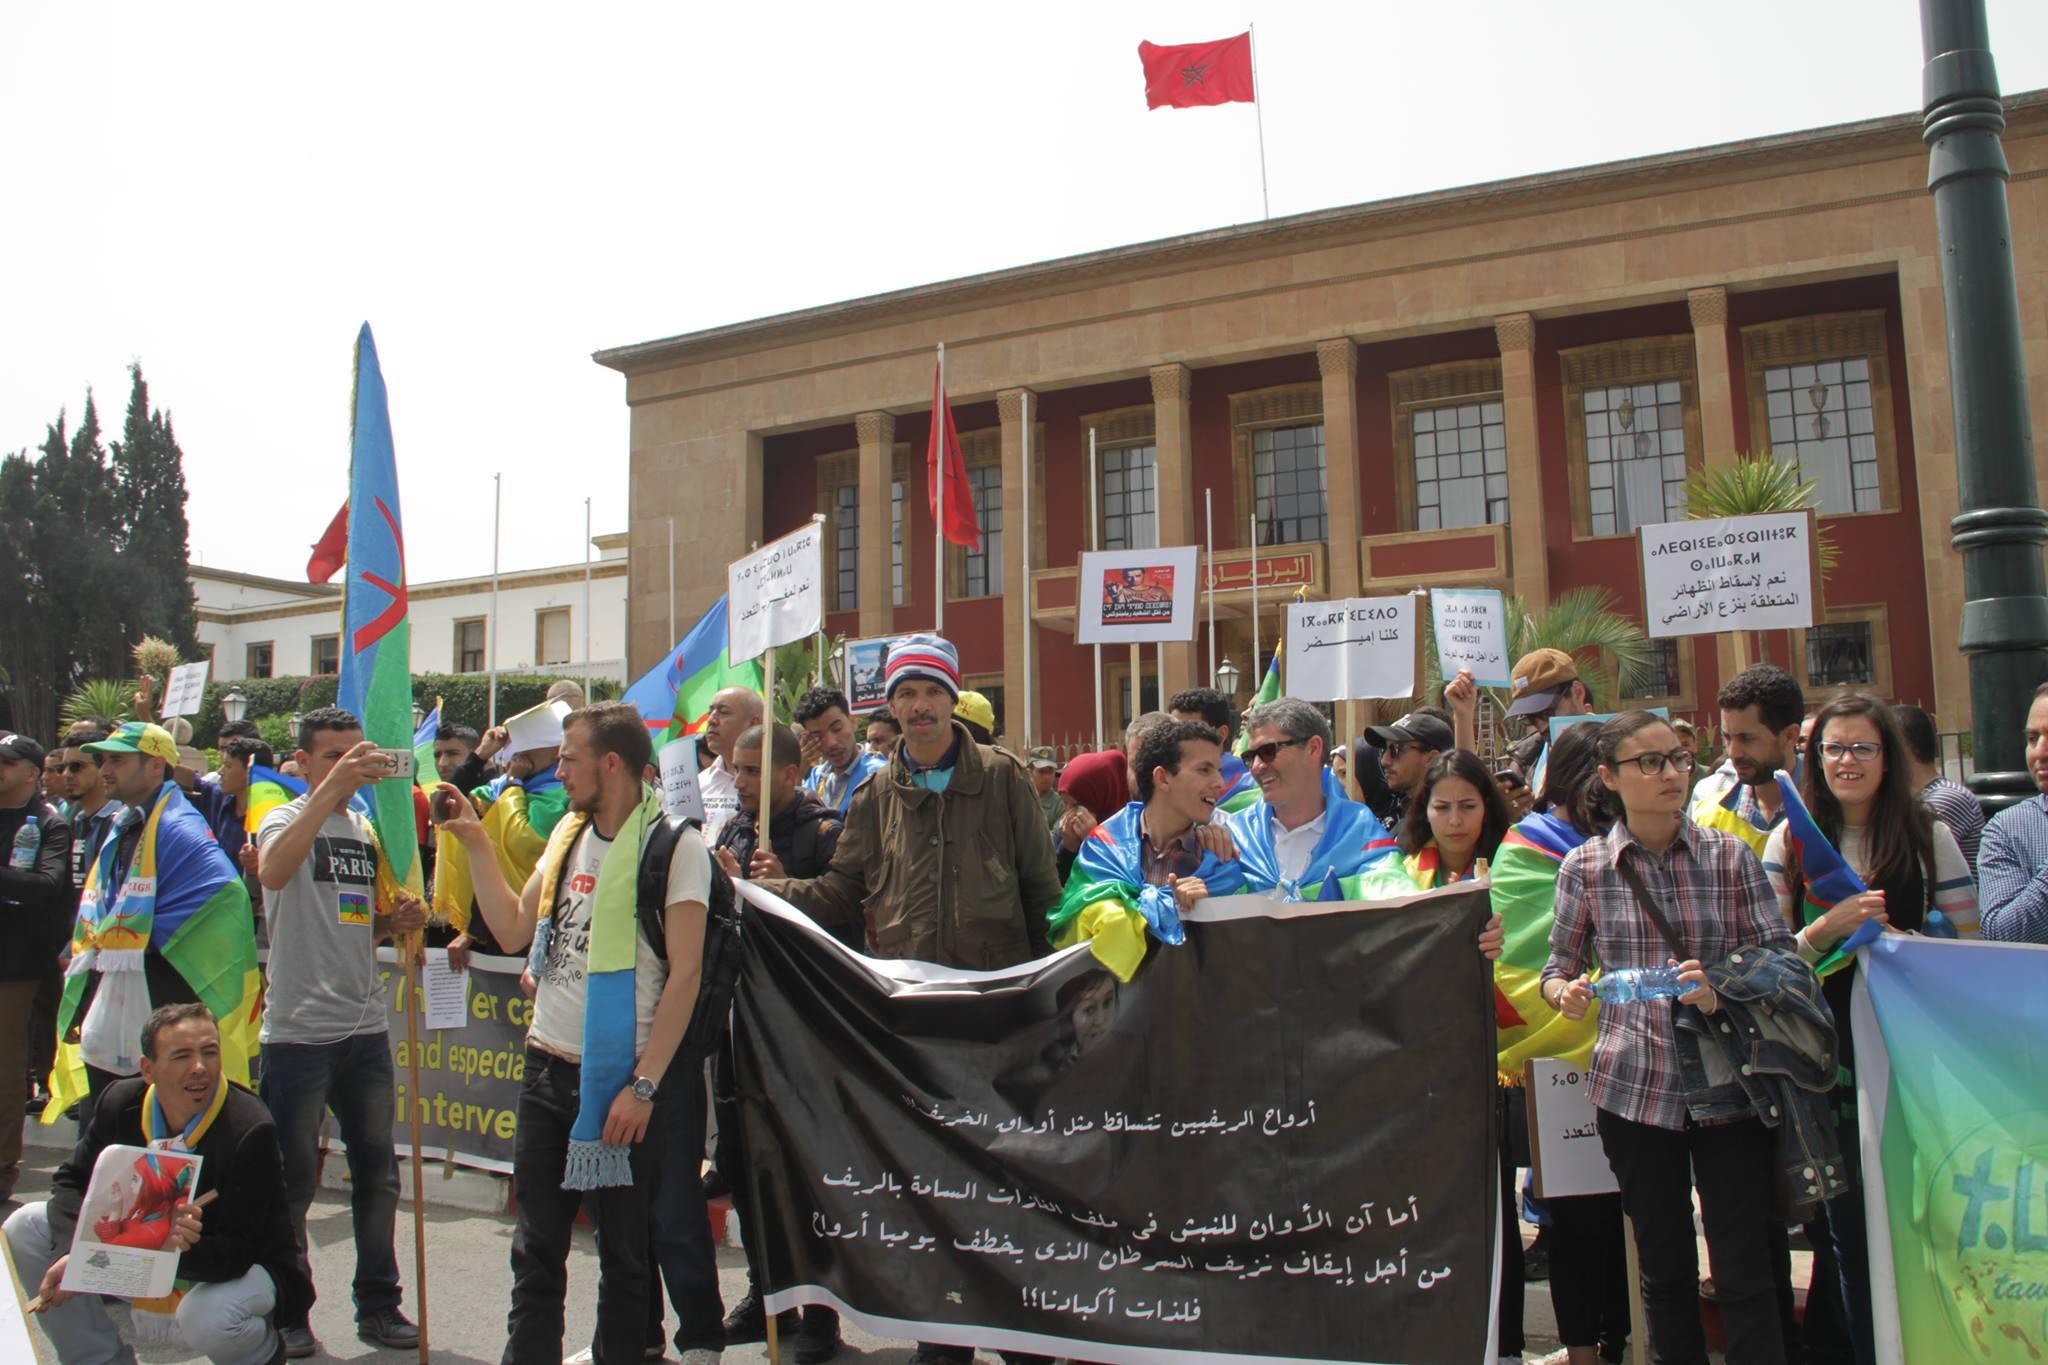 مسيرة توادا بالرباط تطالب بوقف الحكرة ونهب الثروة والميز ضد الأمازيغية + فيديو